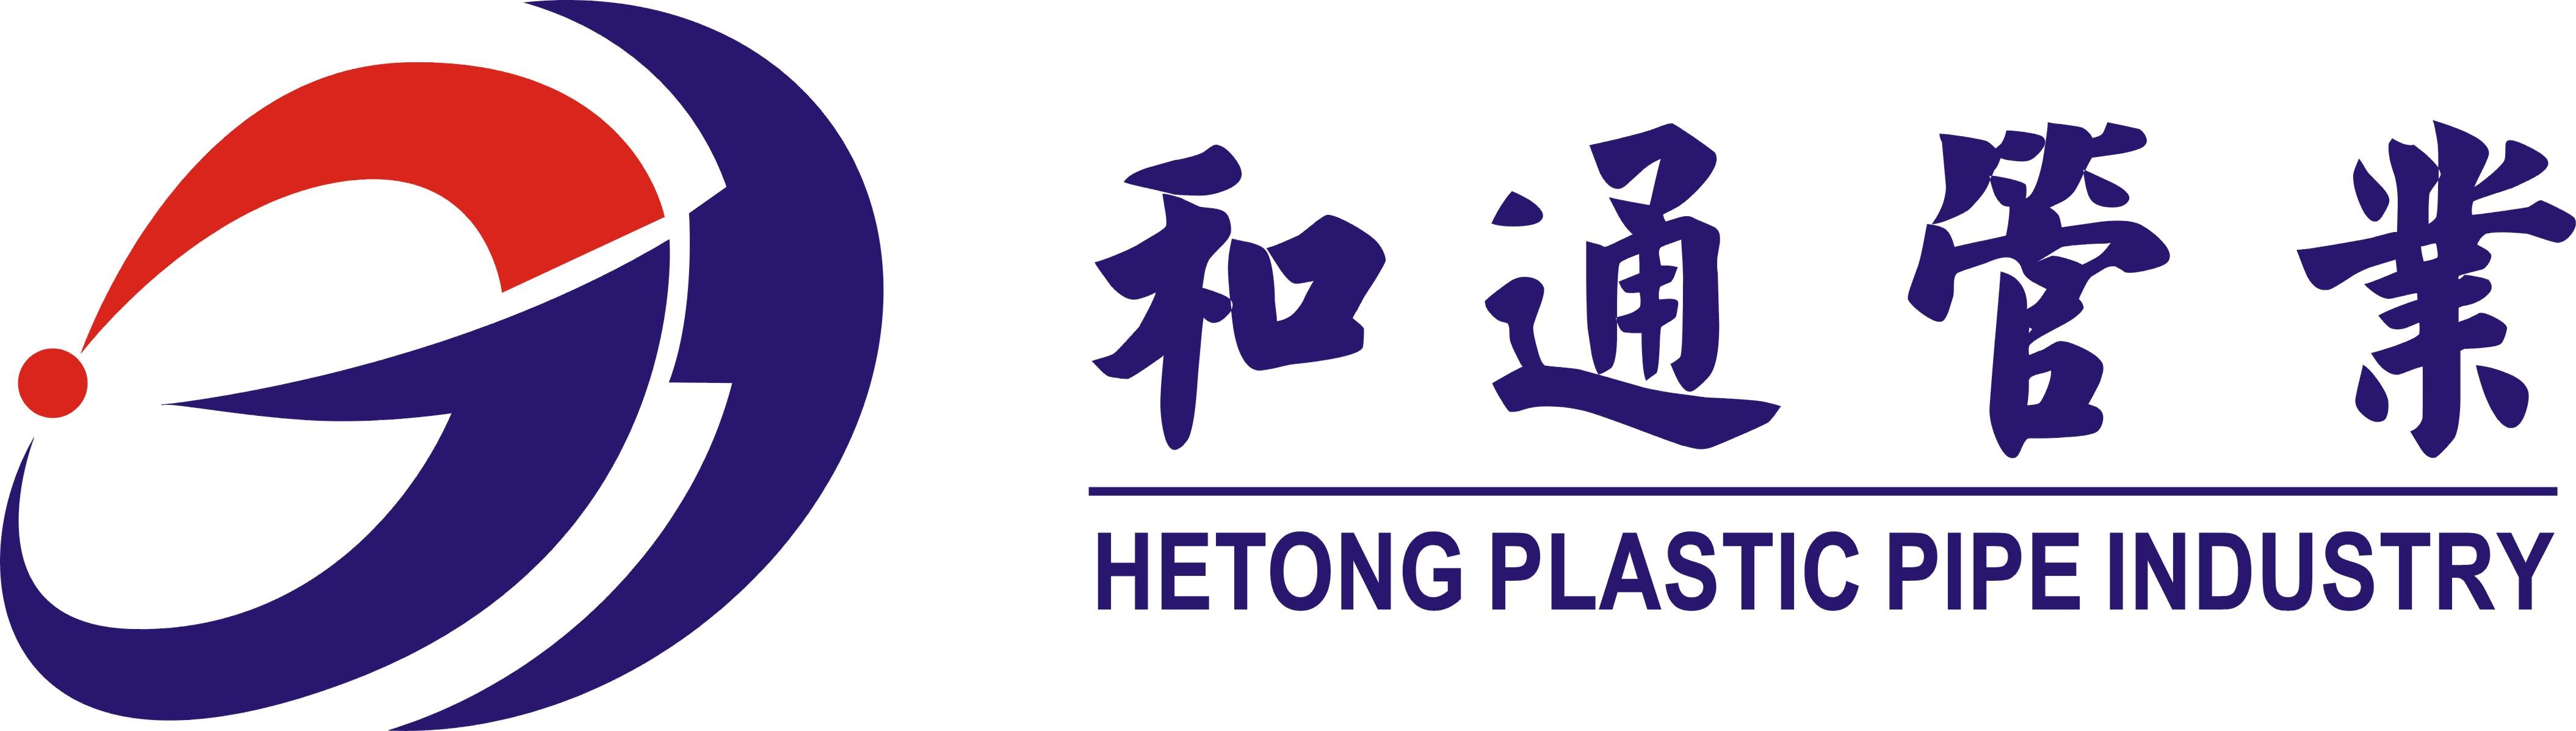 logo logo 标志 设计 矢量 矢量图 素材 图标 4220_1197